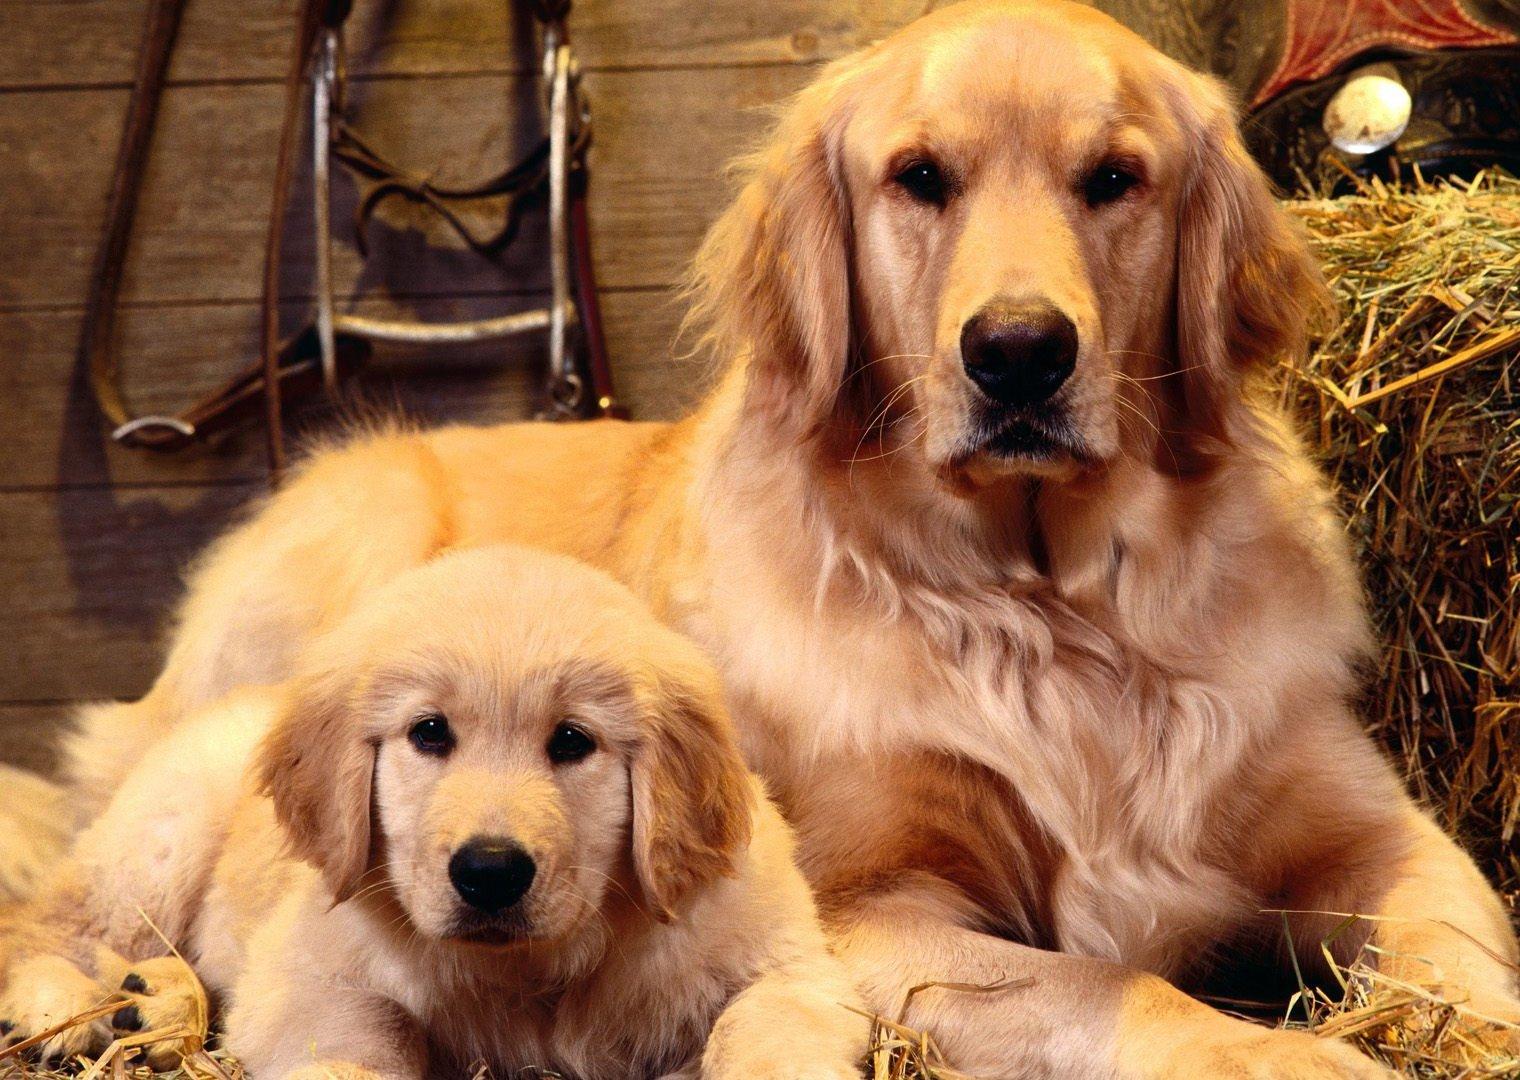 Картинка для детей собака и щенок